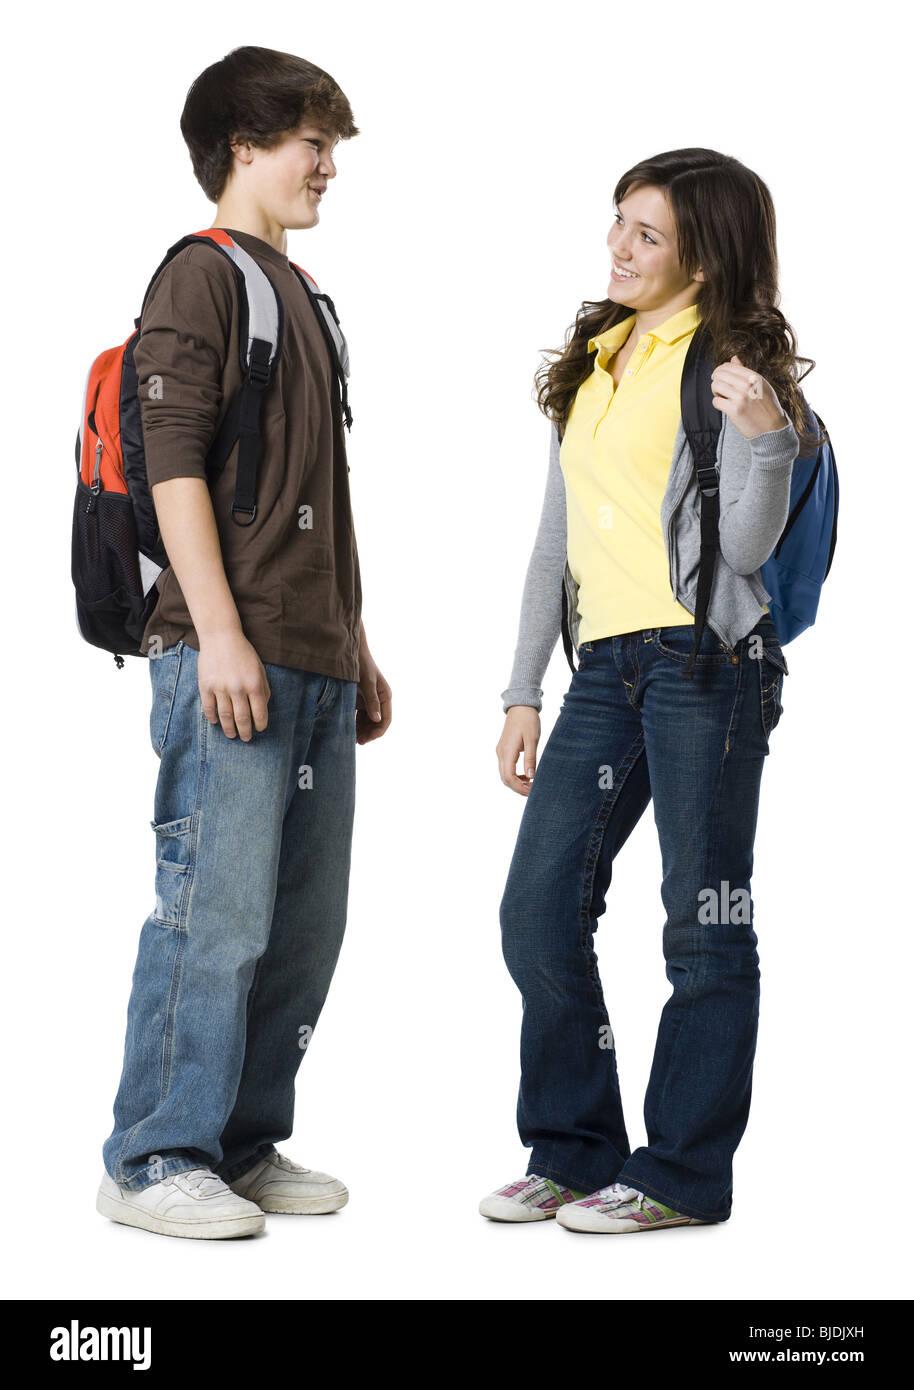 Studenten mit Schultaschen posiert Stockbild